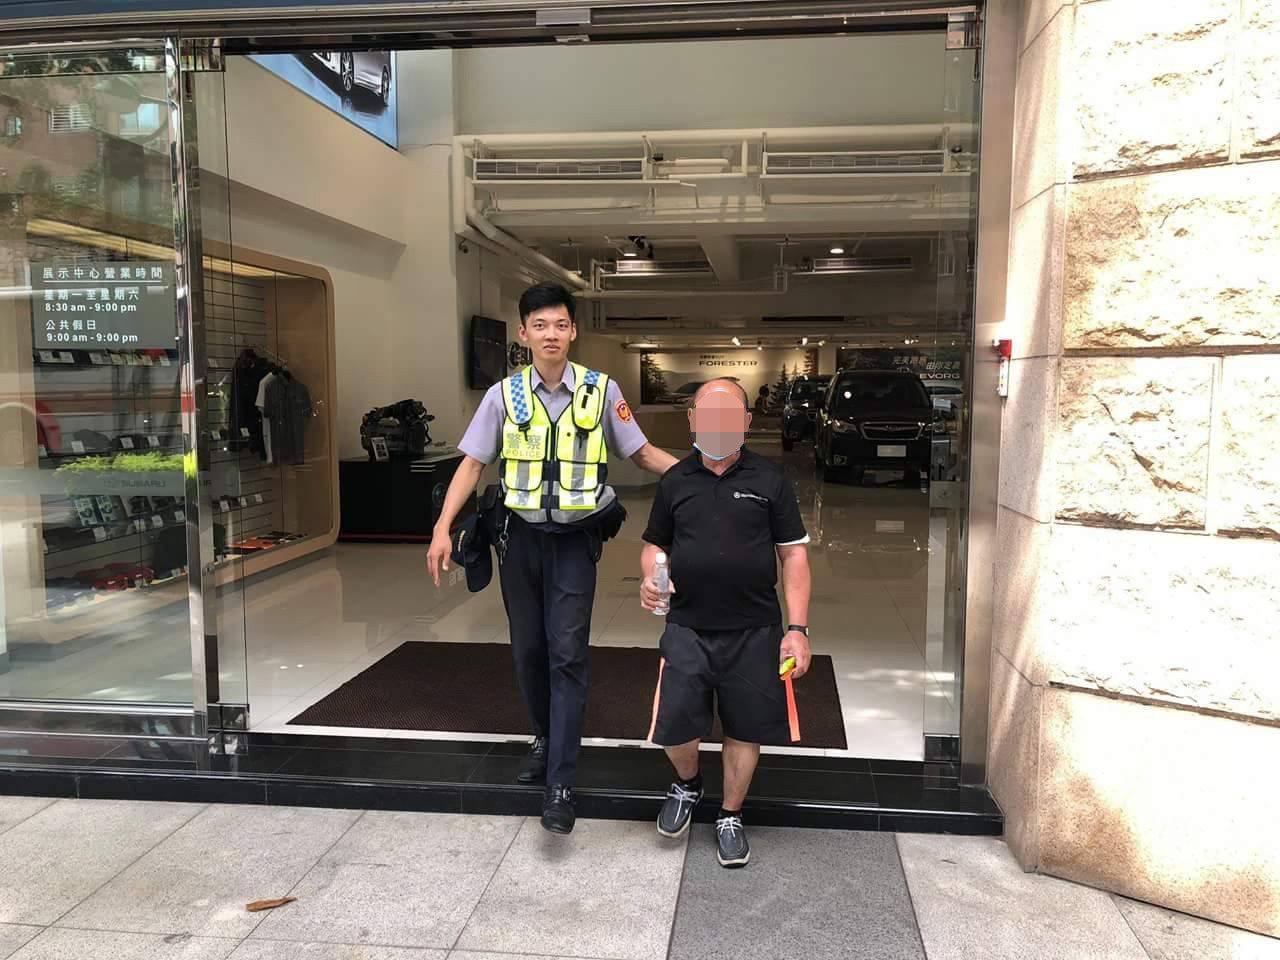 桃園市一名陳姓老翁日前溜出安養院在蘆竹區迷路,警方獲報後協助其返家。圖/警方提供